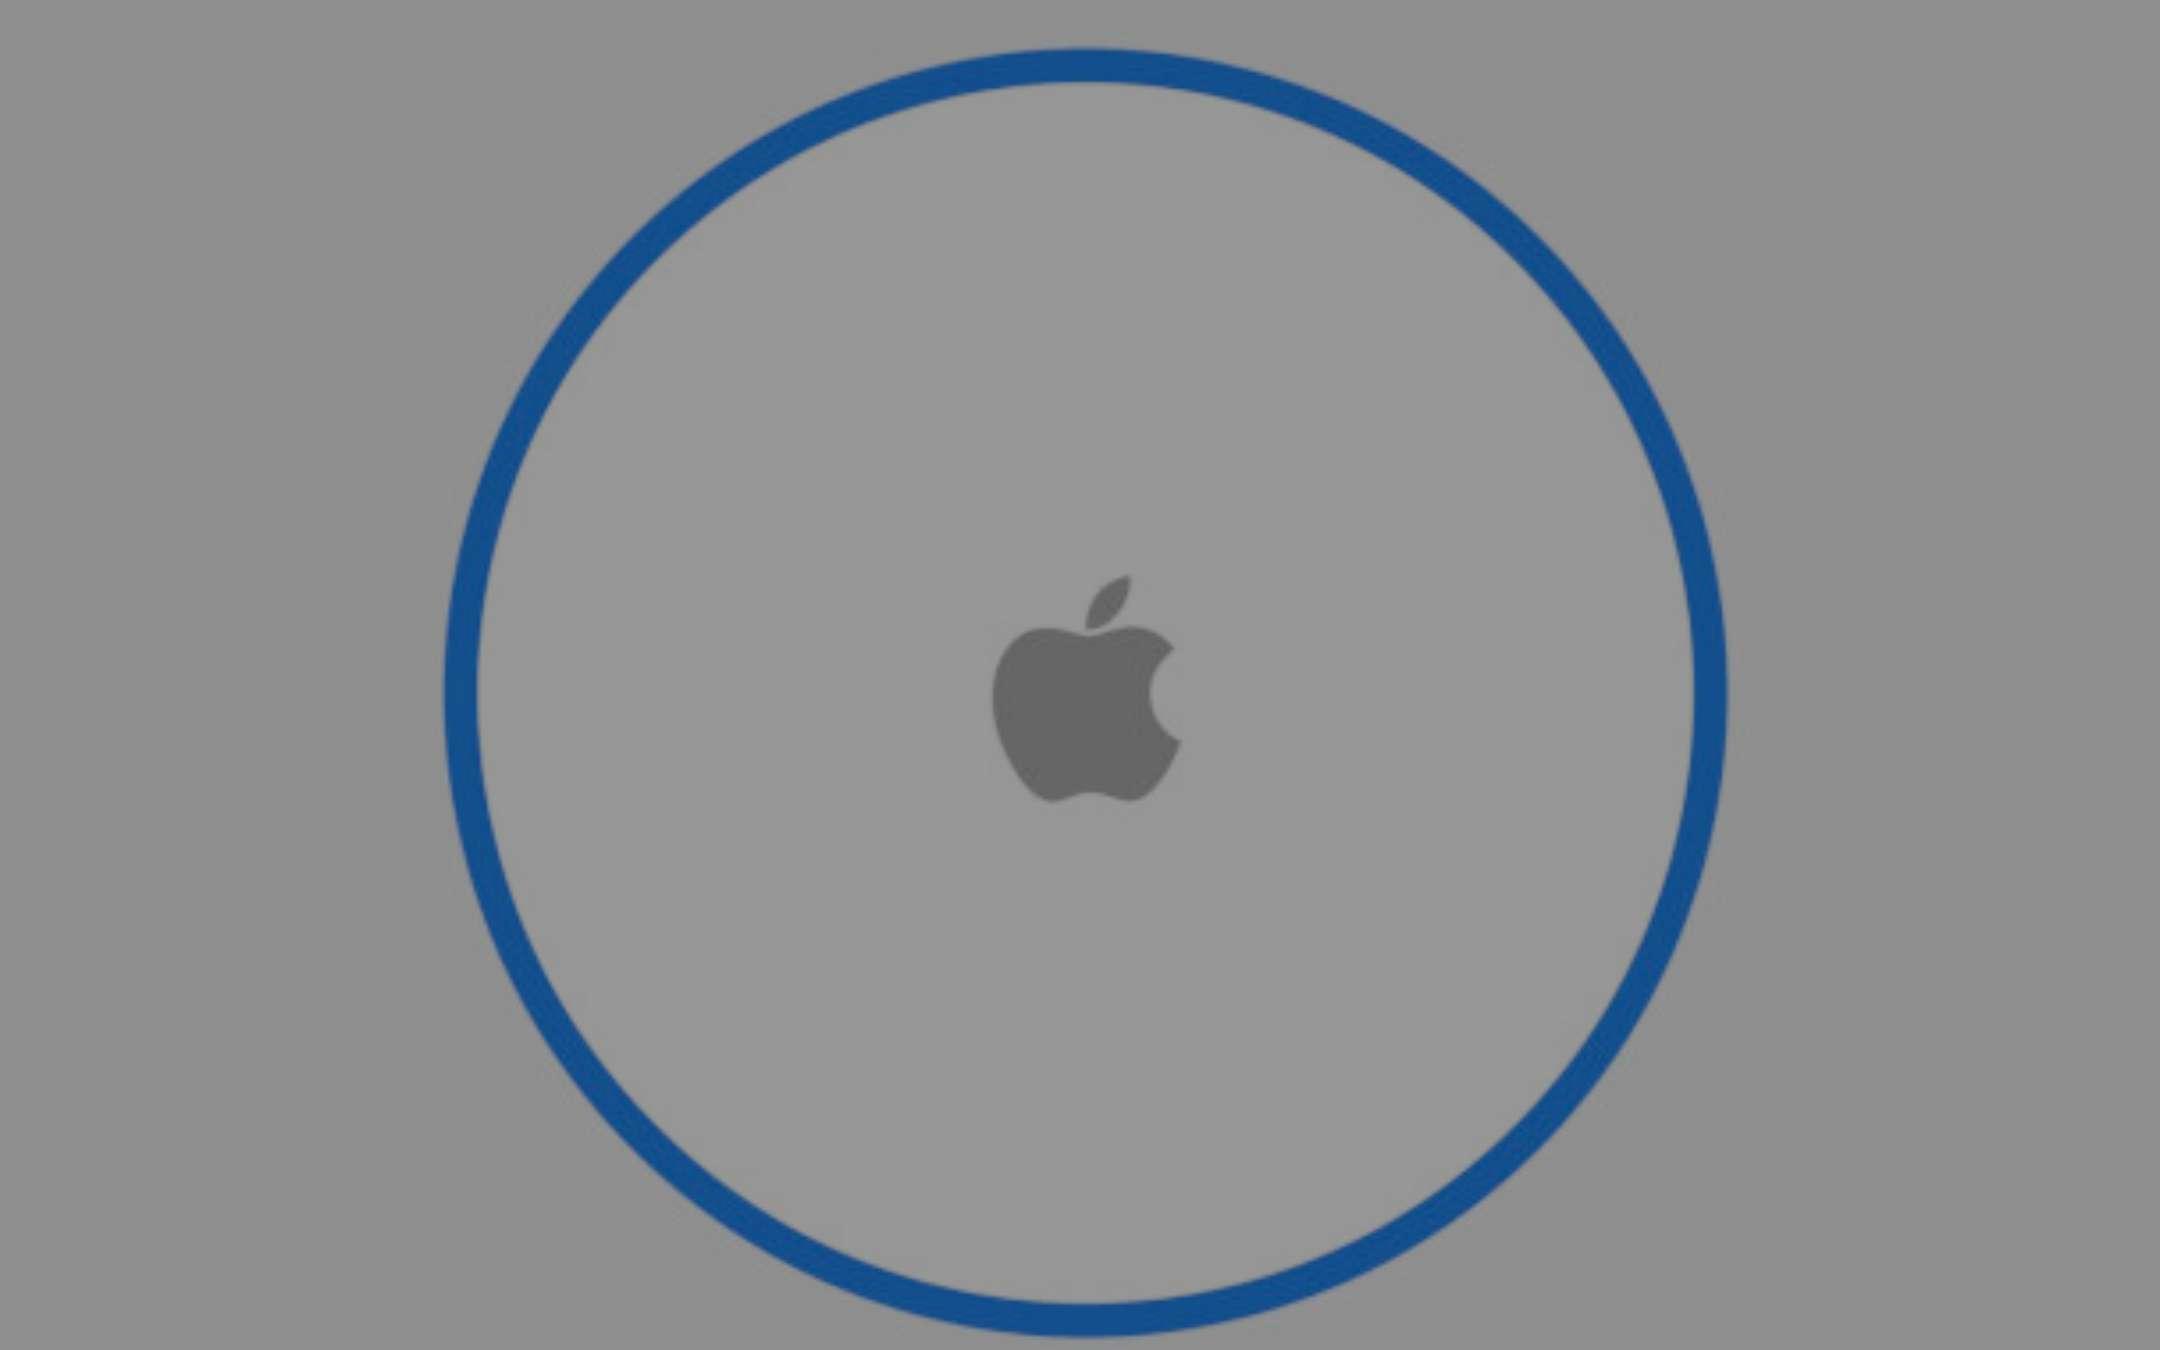 aggancio app iOS partita veloce fare